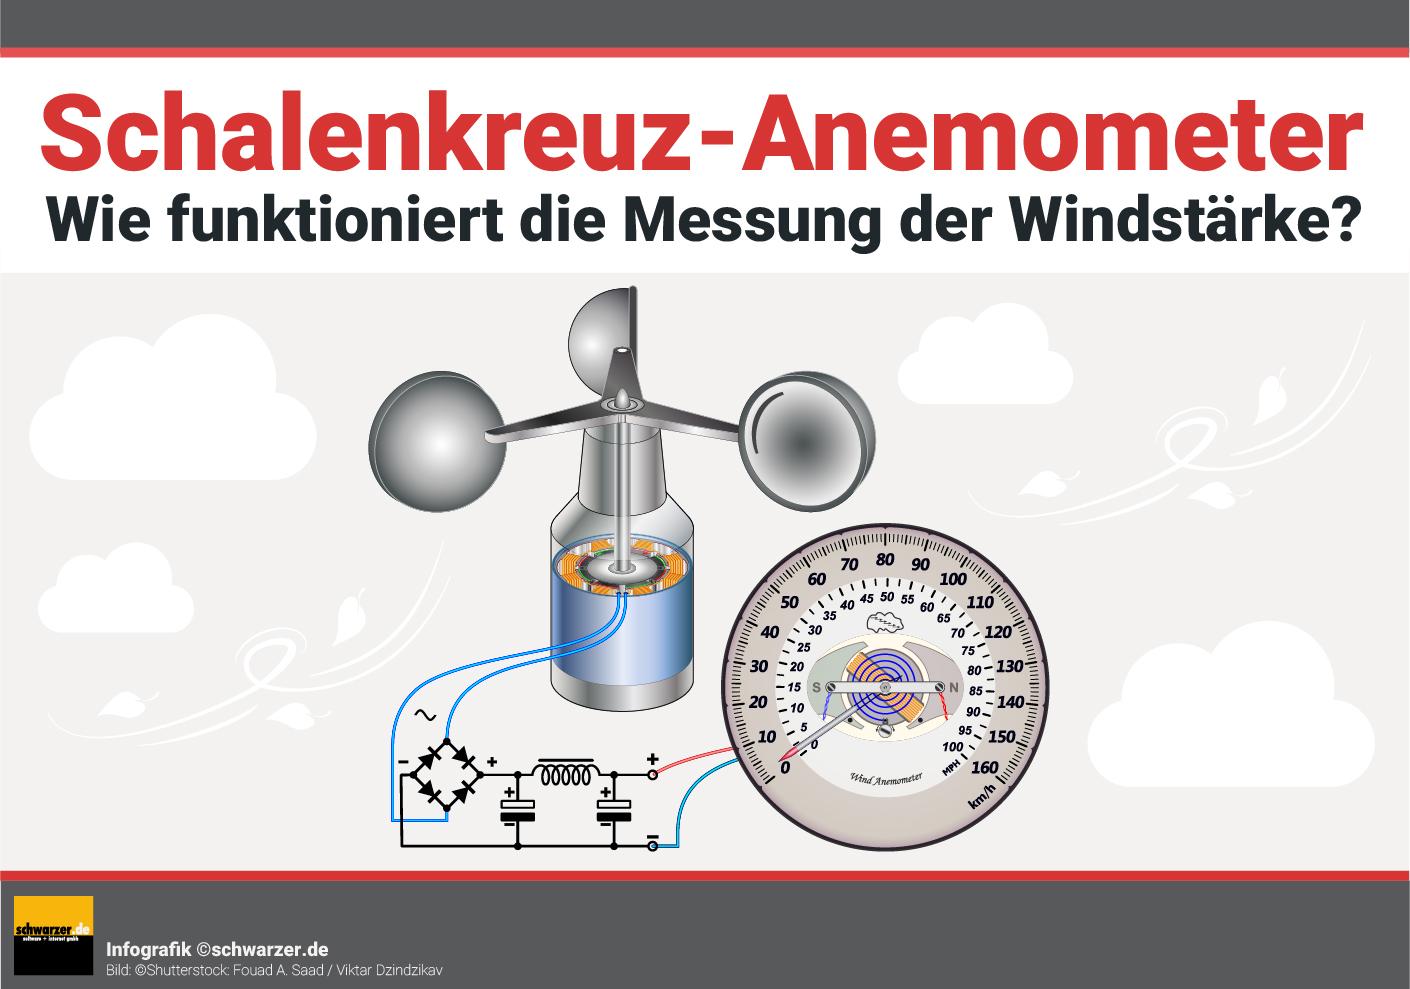 Infografik: Wie funktioniert die Messung der Windstärke bei einem Schalenkreuz-Anemometer?